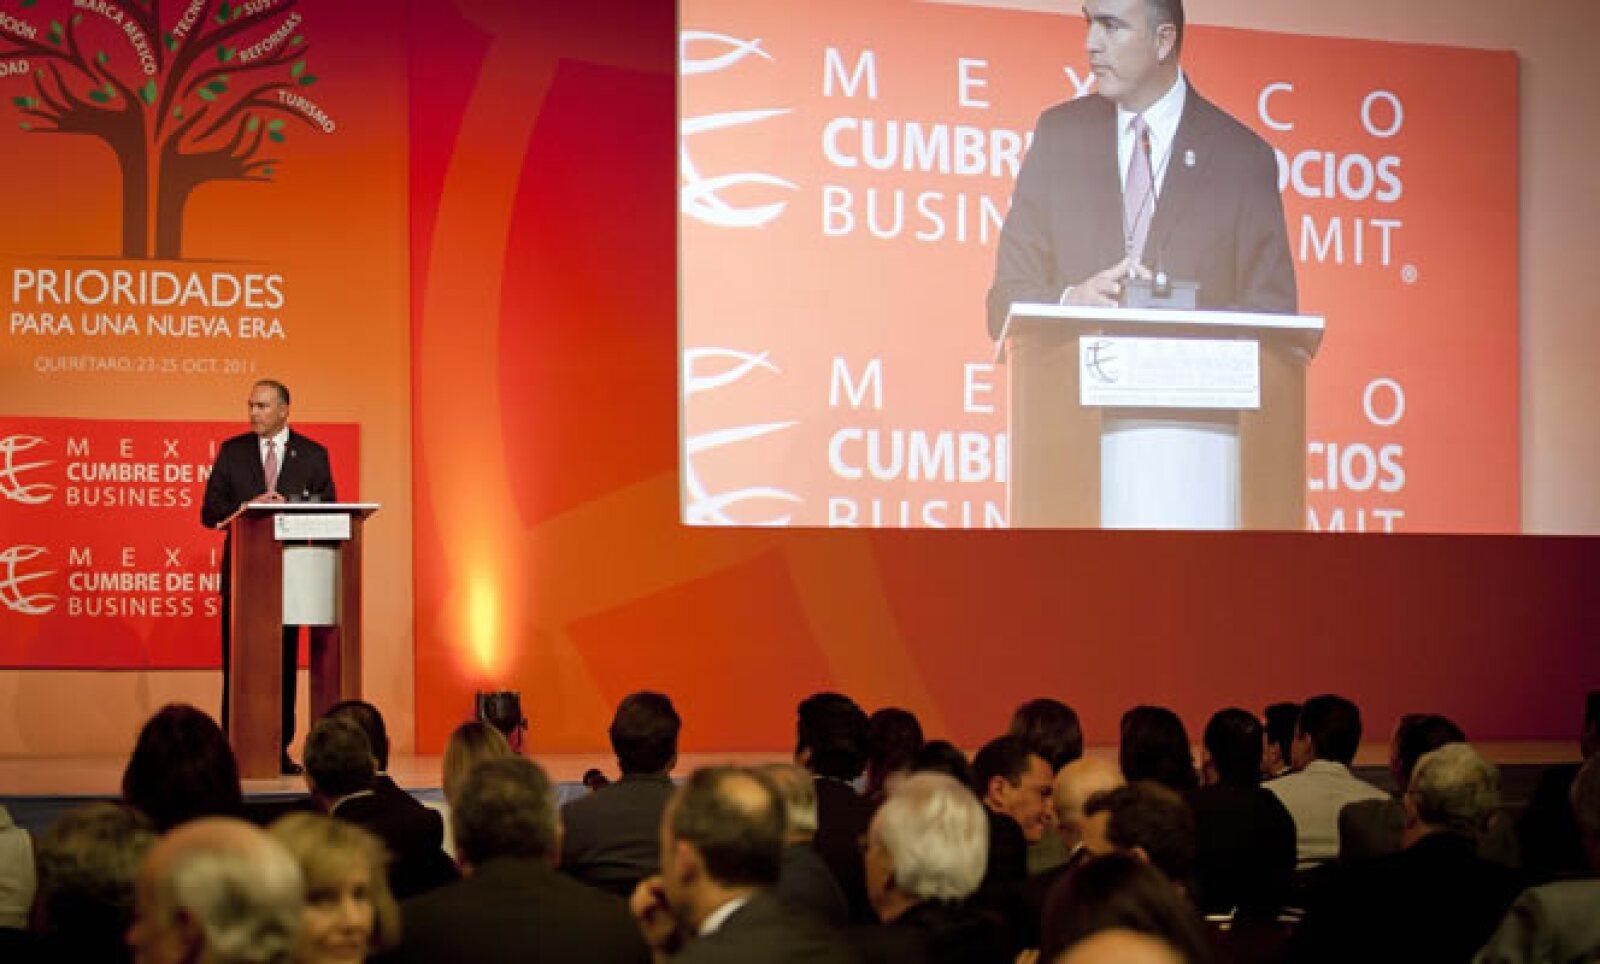 En la sesión inaugural, el gobernador de Querétaro dijo que era tiempo de ser creativos e innovadores en las propuestas de políticas públicas coherentes con el proyecto y las aspiraciones colectivas.